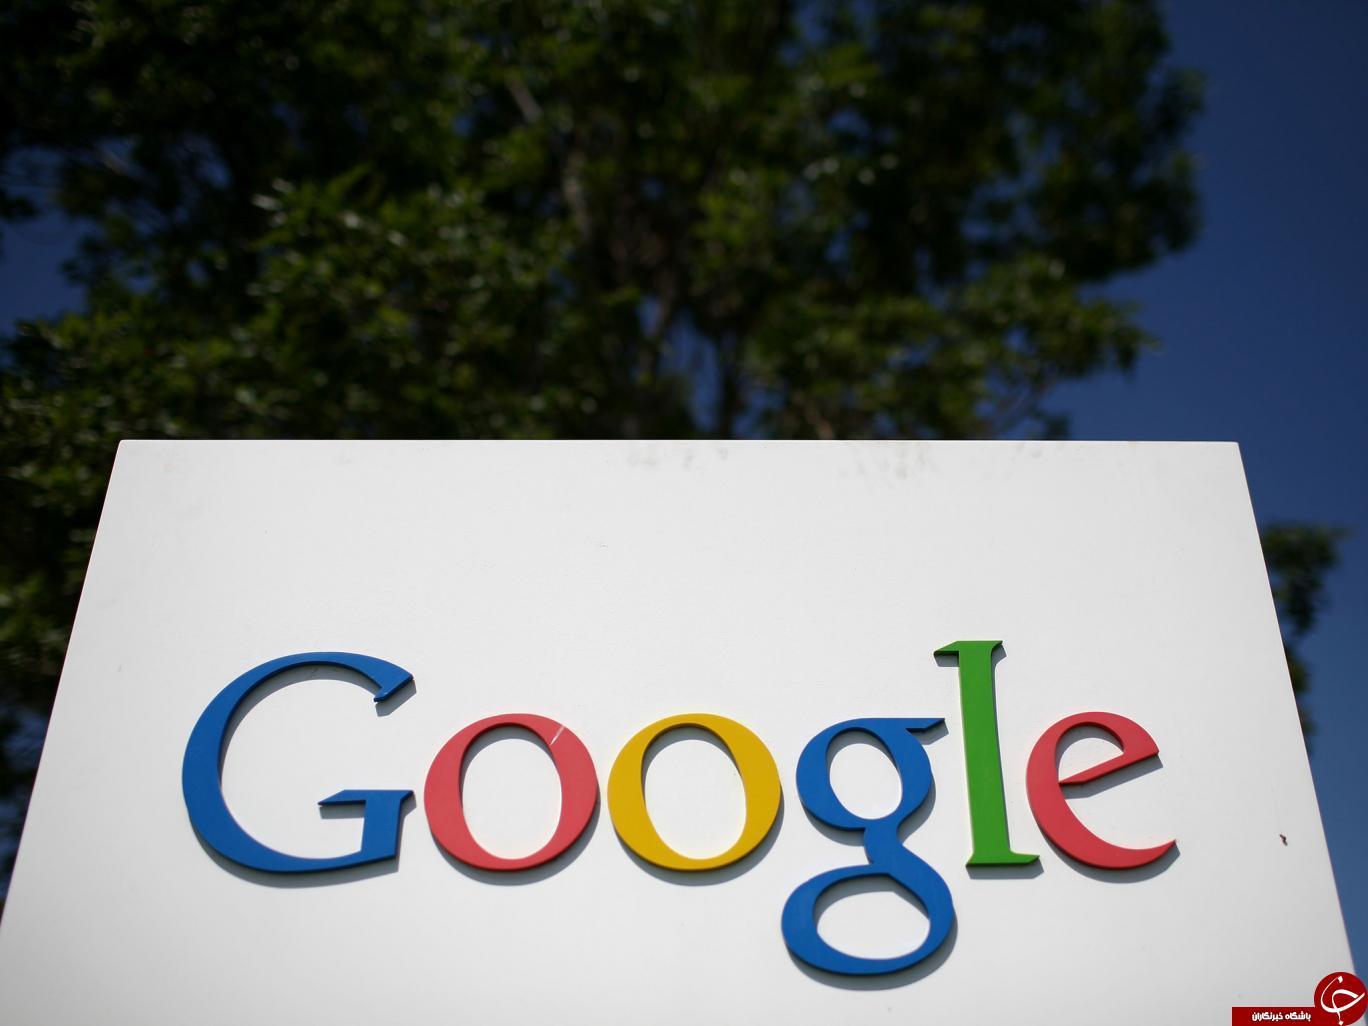 حرکت عظیم گوگل برای رقابت با فیس بوک